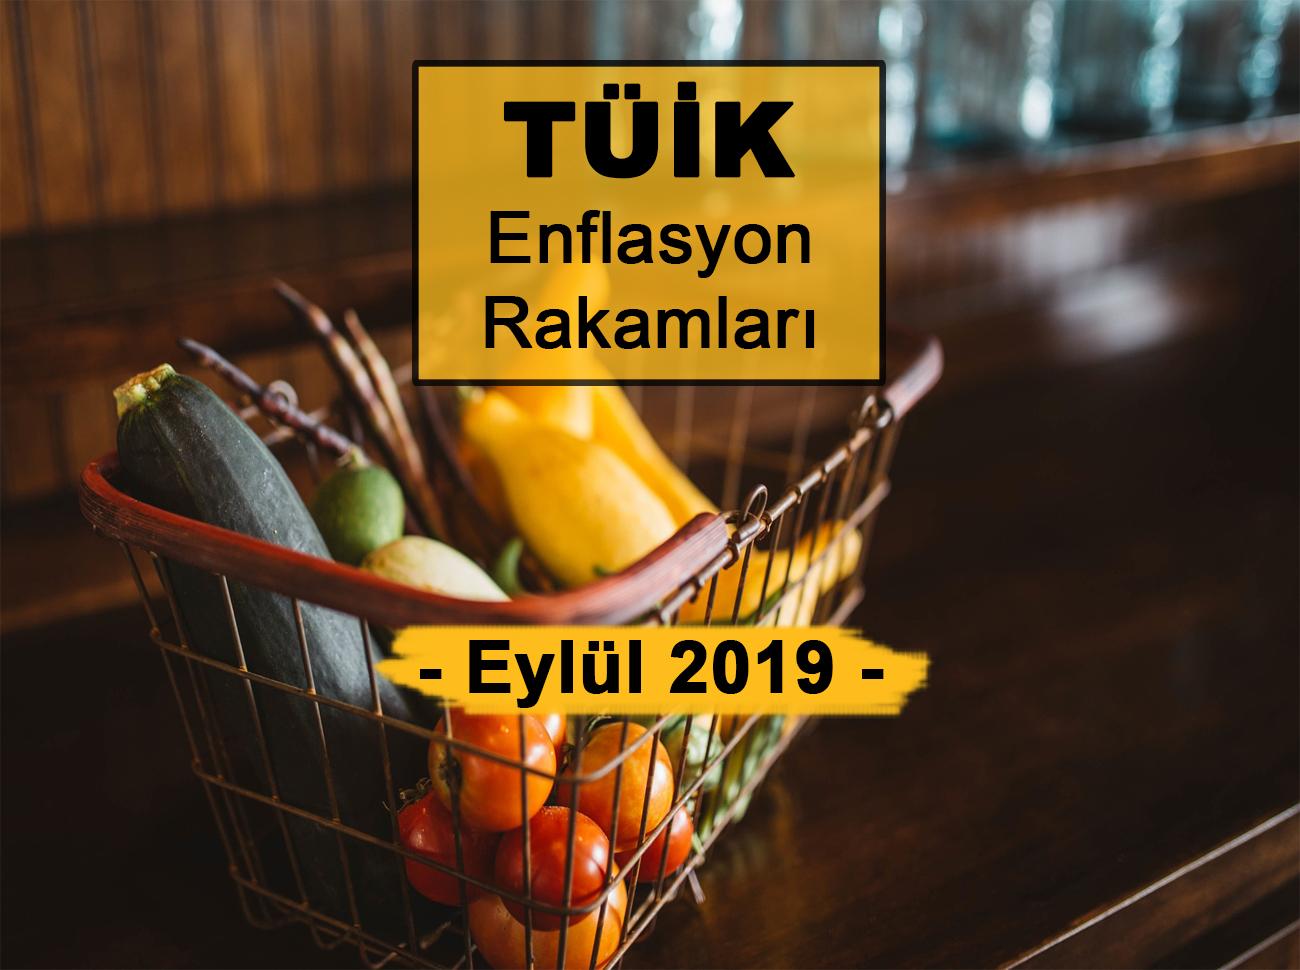 Enflasyon Rakamları (Eylül 2019) Açıklandı